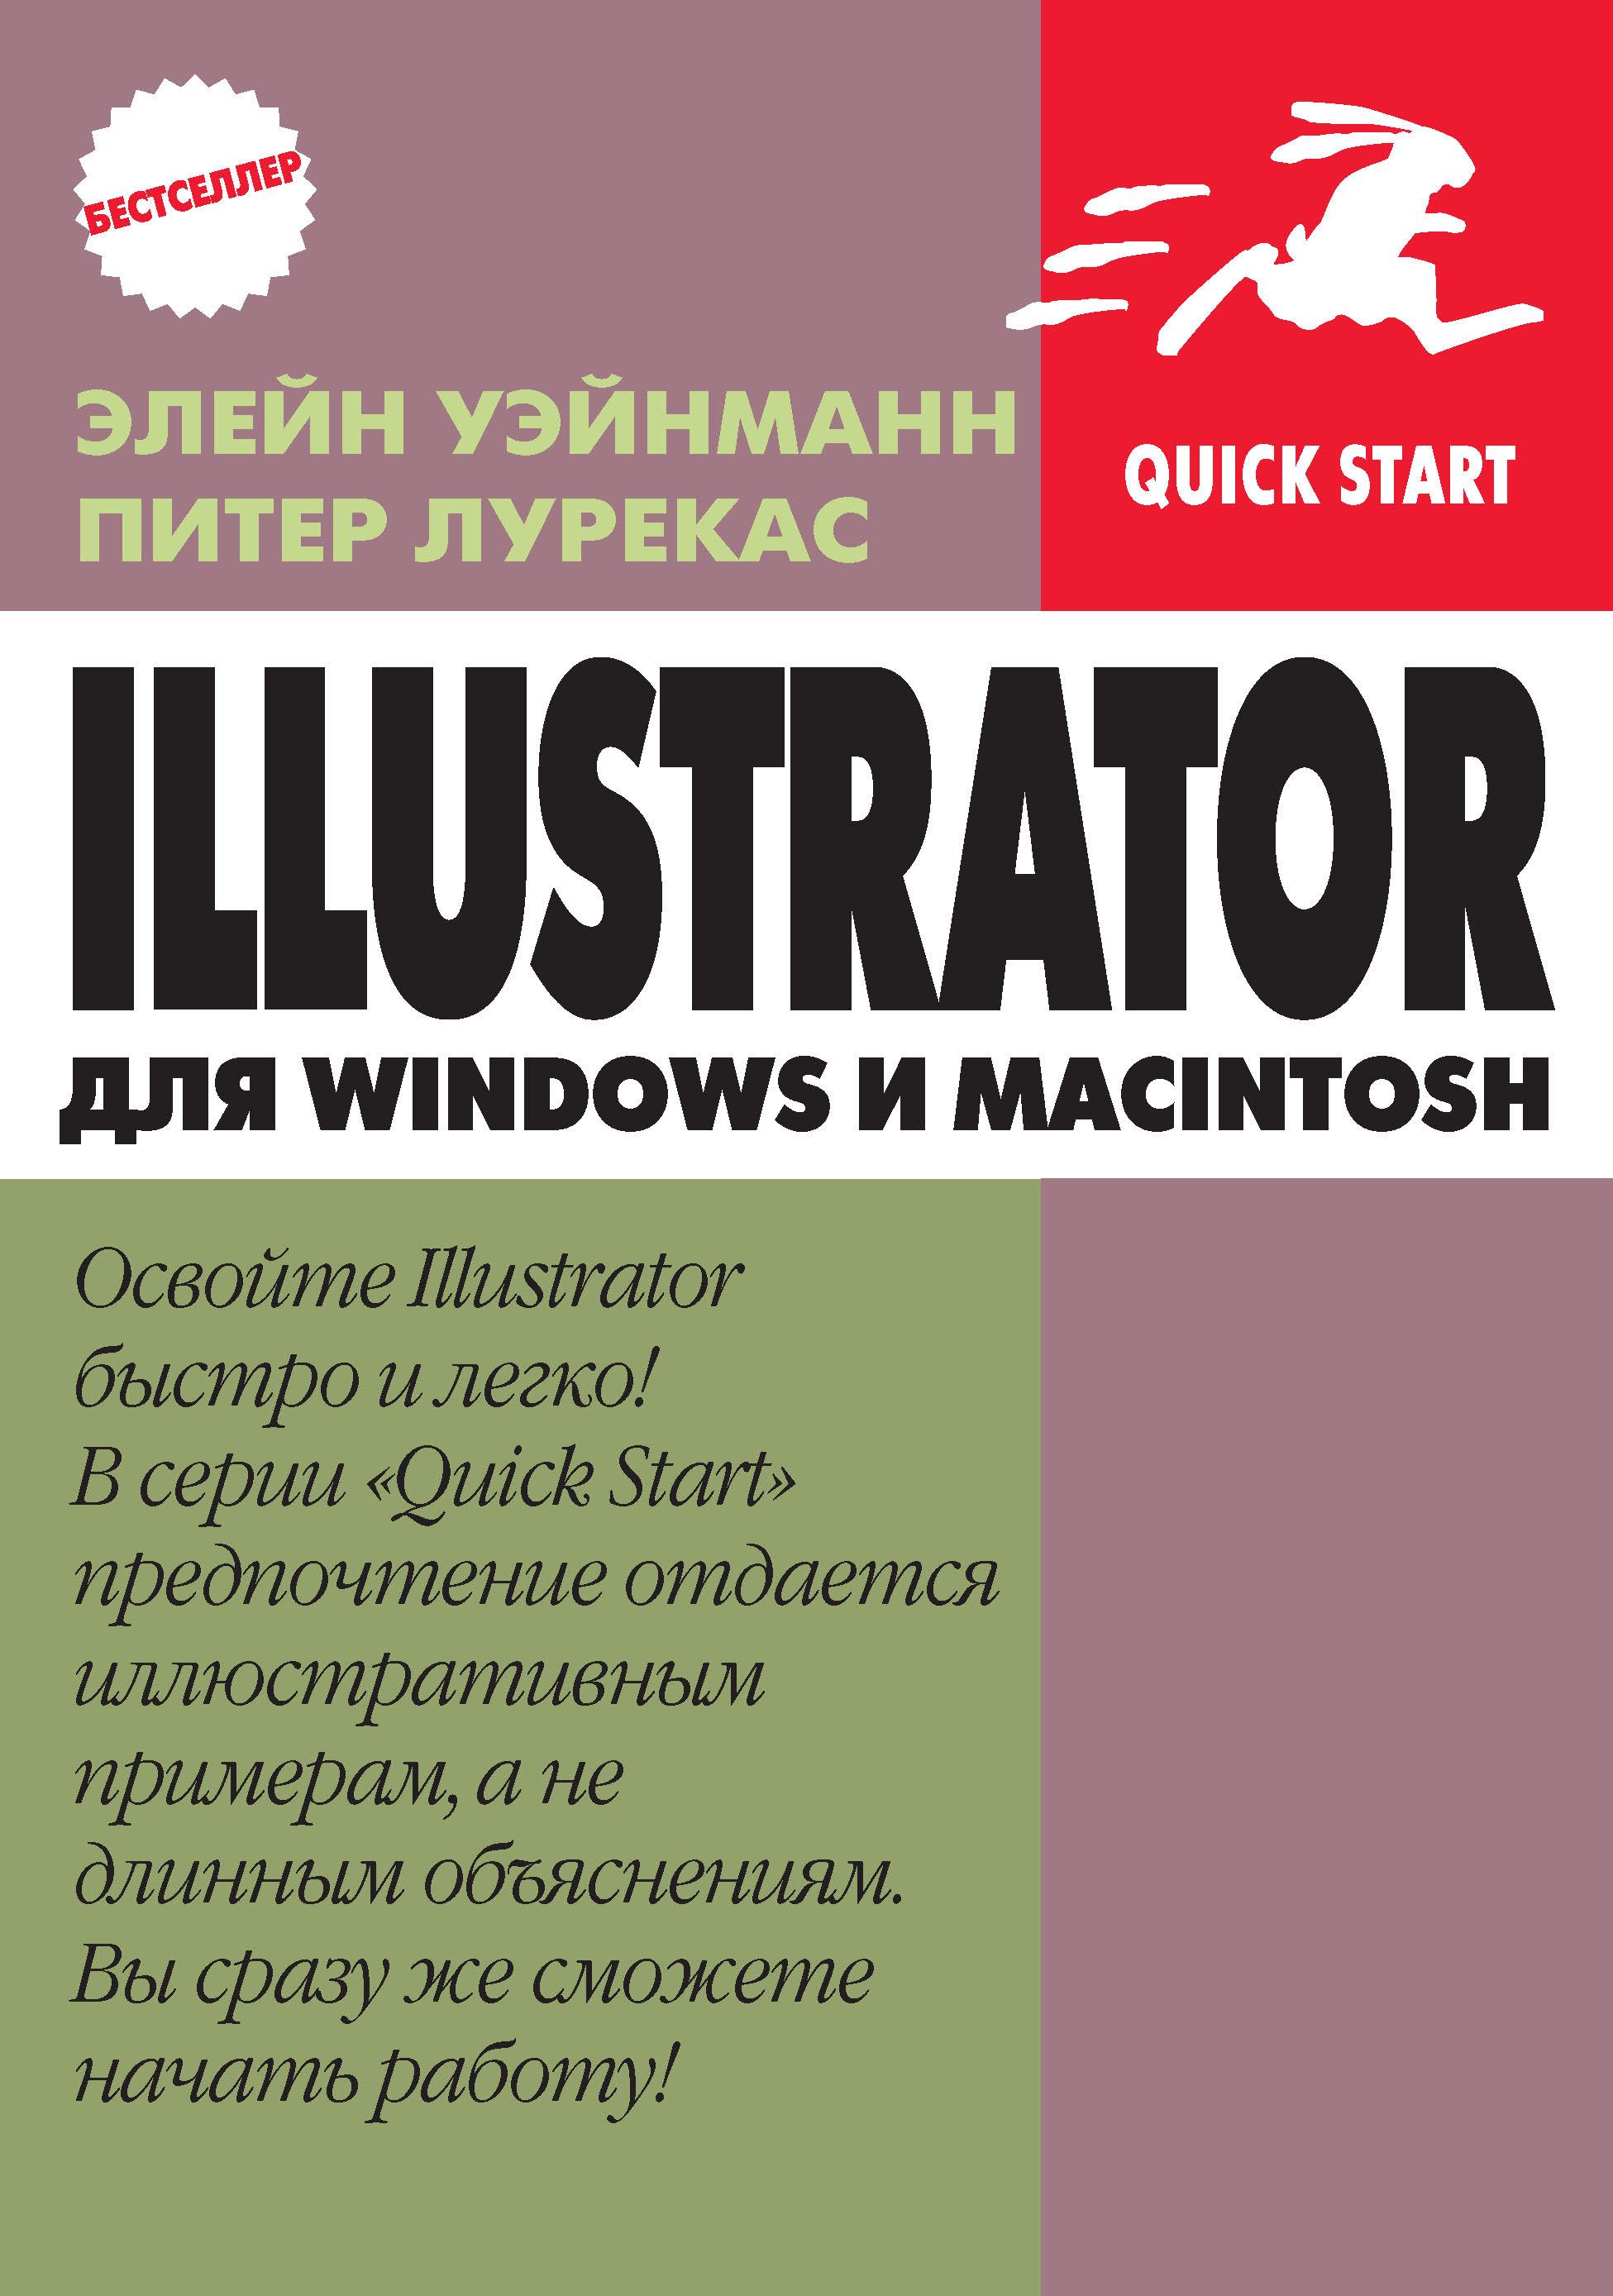 IIlustrator для Windows и Macintosh фото